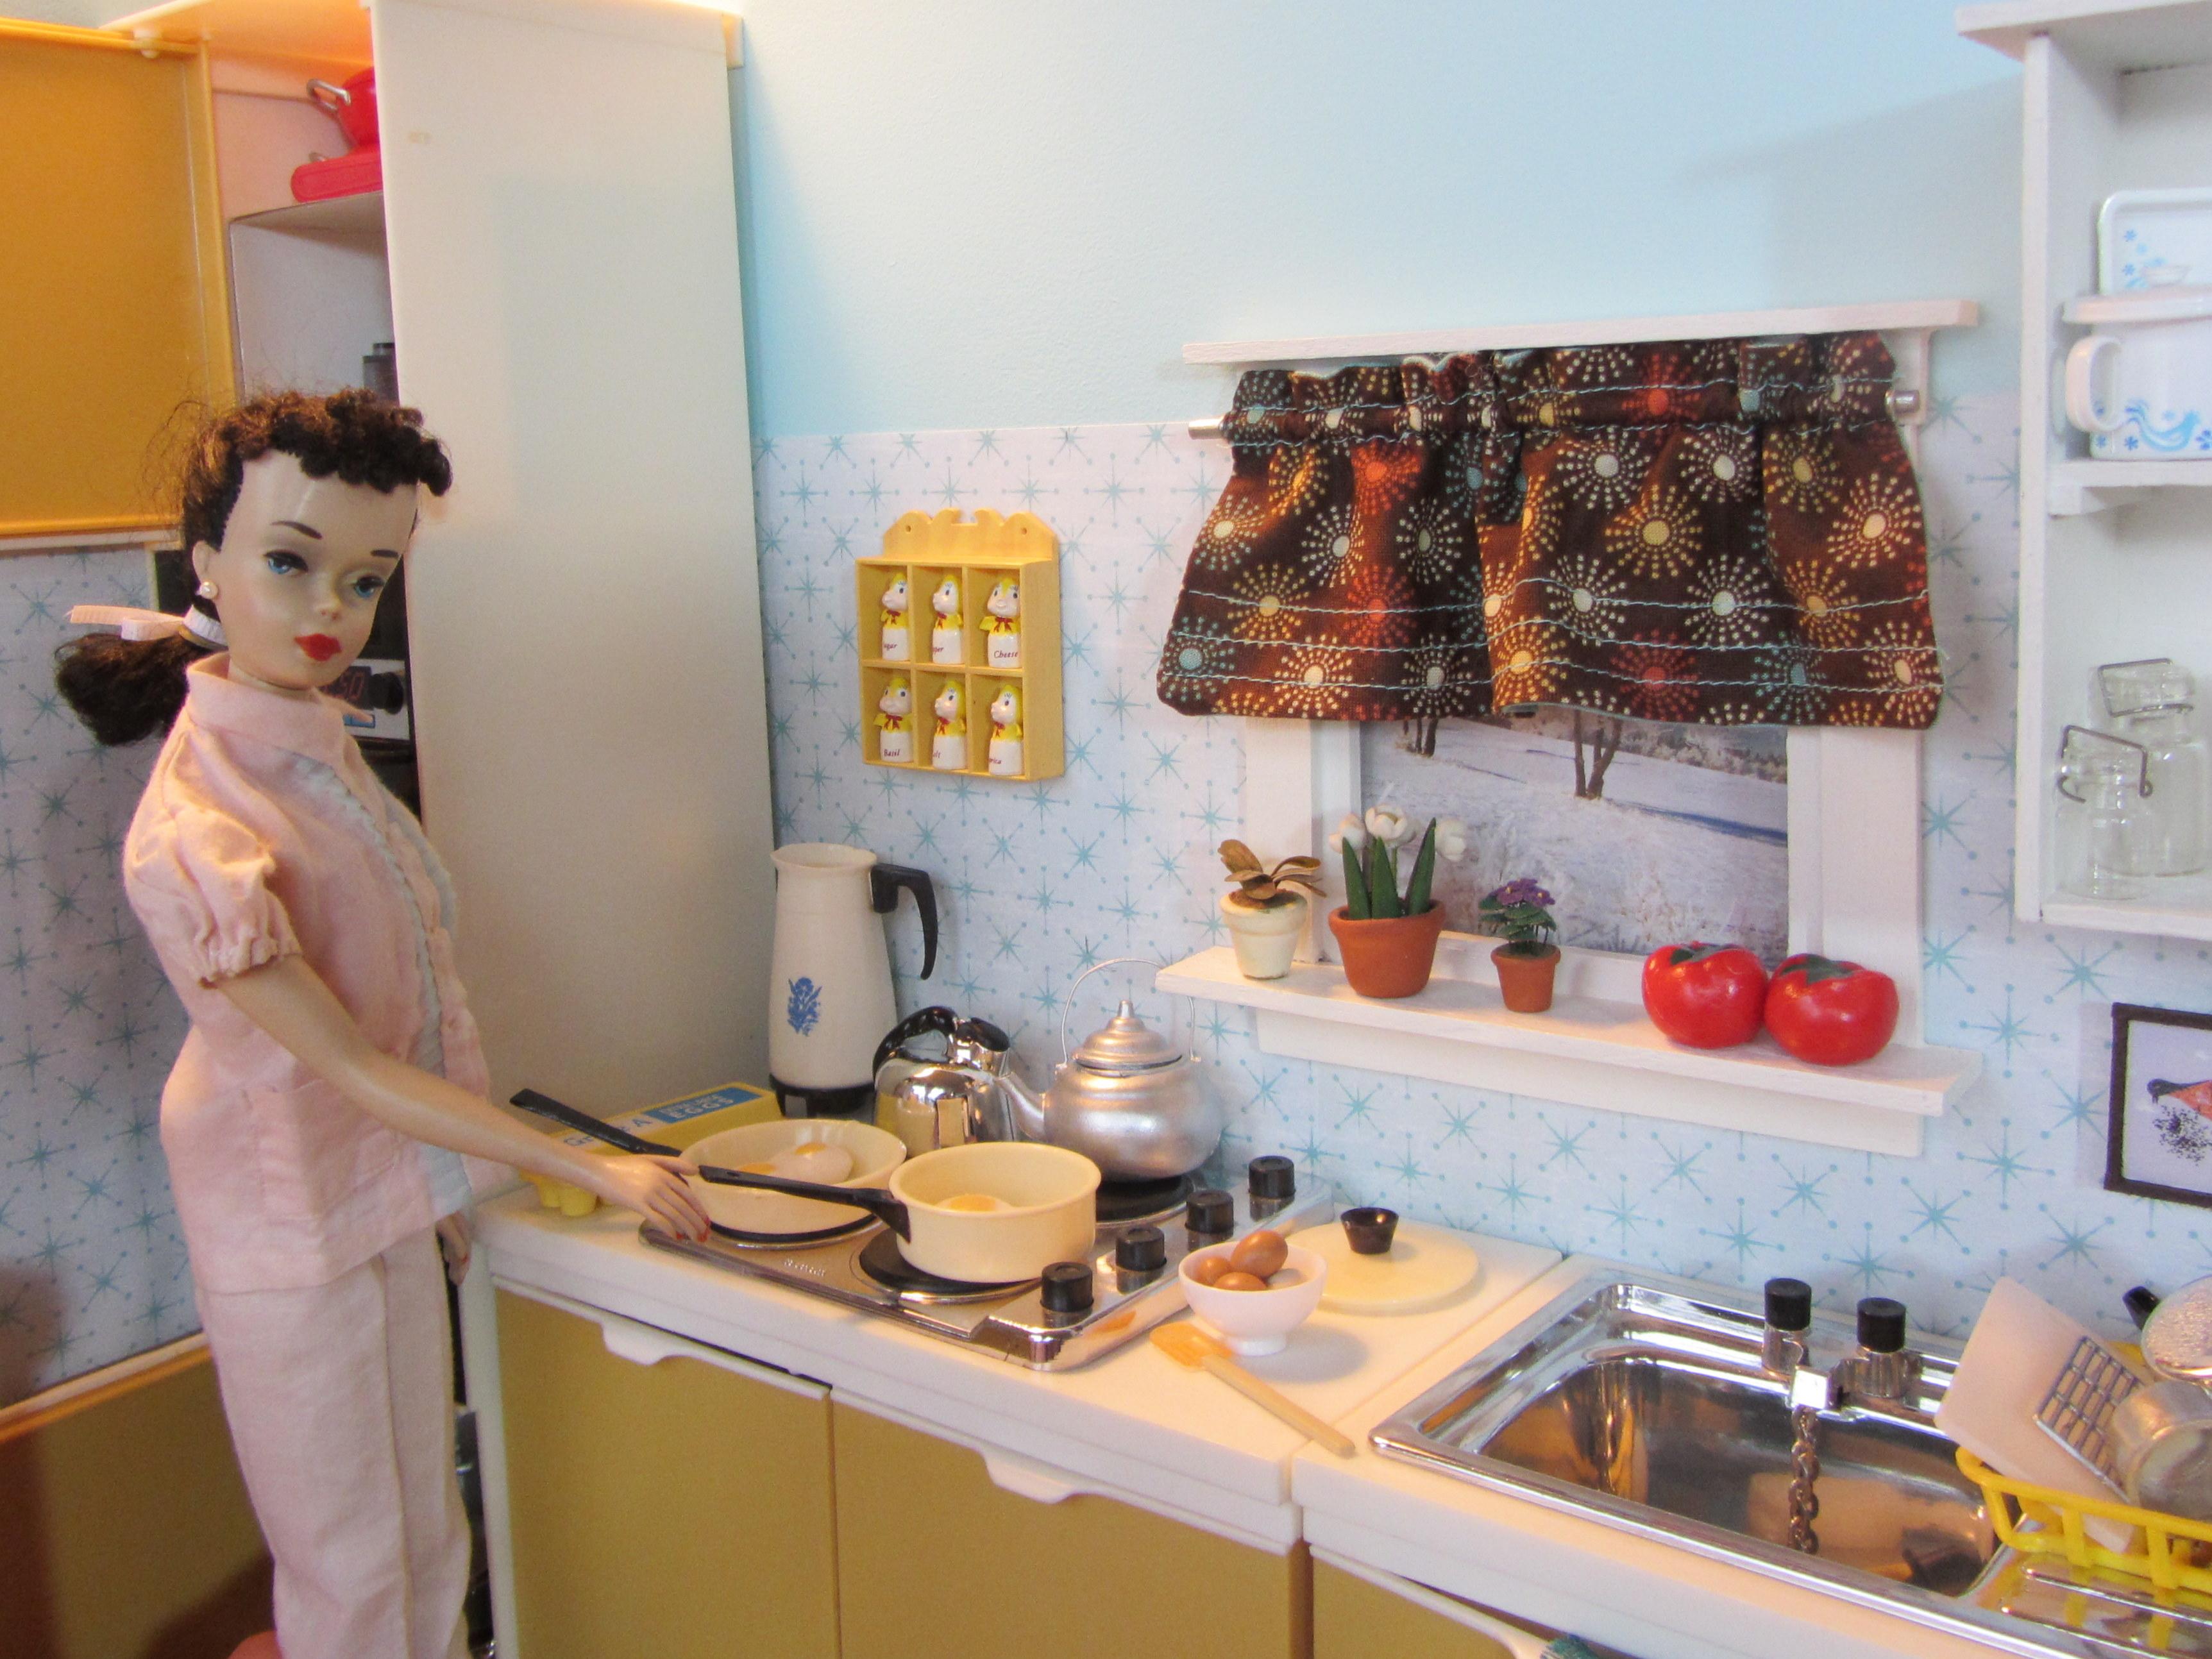 Papel De Parede Comida Ovos Tomates Janela Quarto Cozinhar